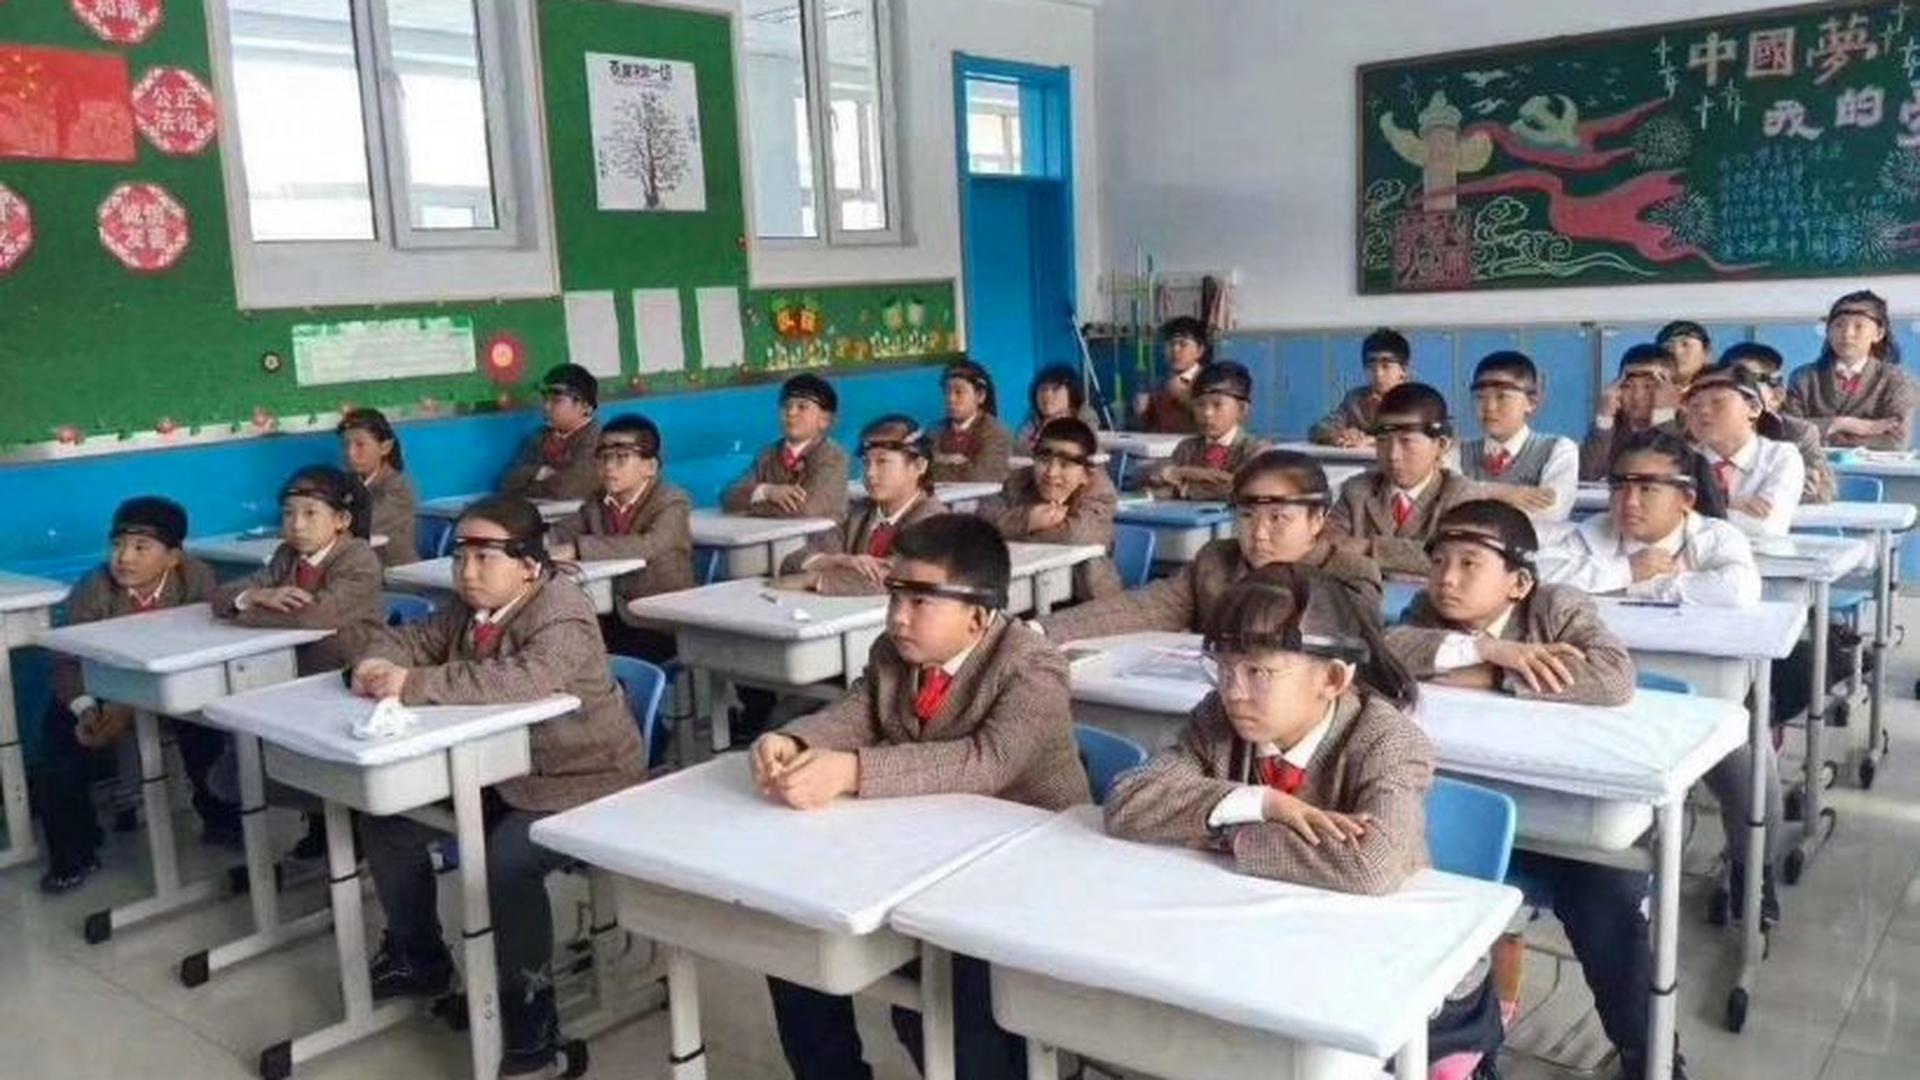 Тотальный контроль в Поднебесной: как китайским школьникам влазят в голову